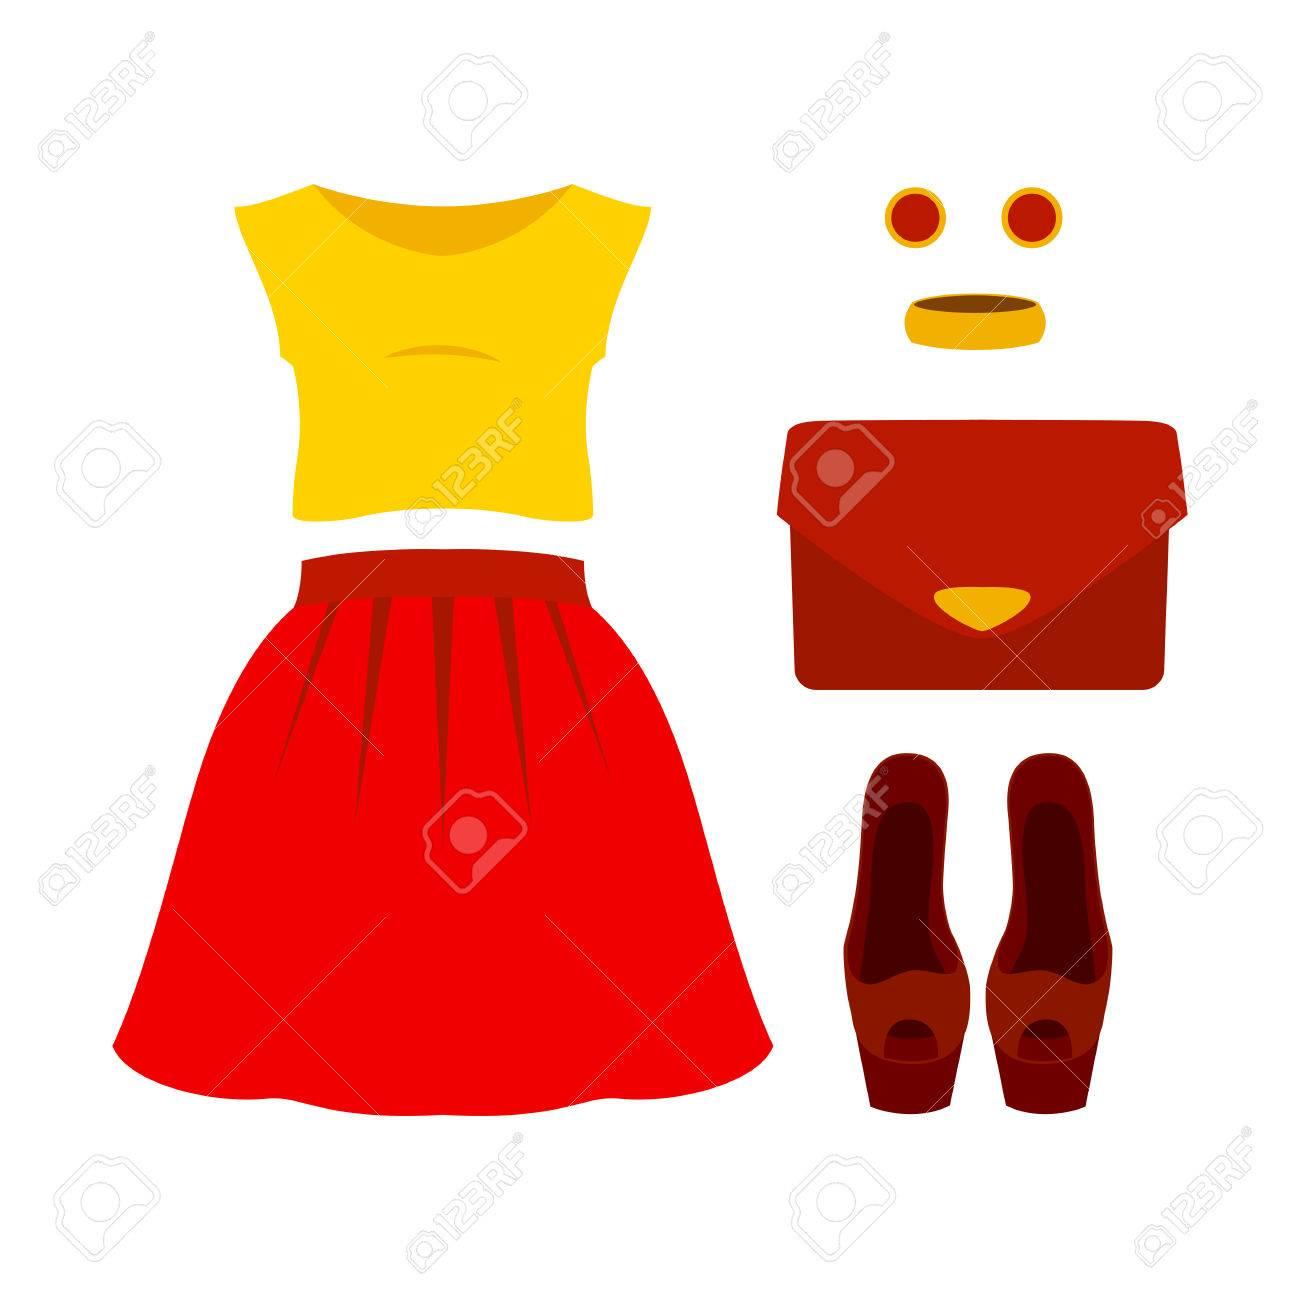 85a78a9bdeb9 Conjunto de ropa de mujer de moda con falda roja, color amarillo arriba y  accesorios